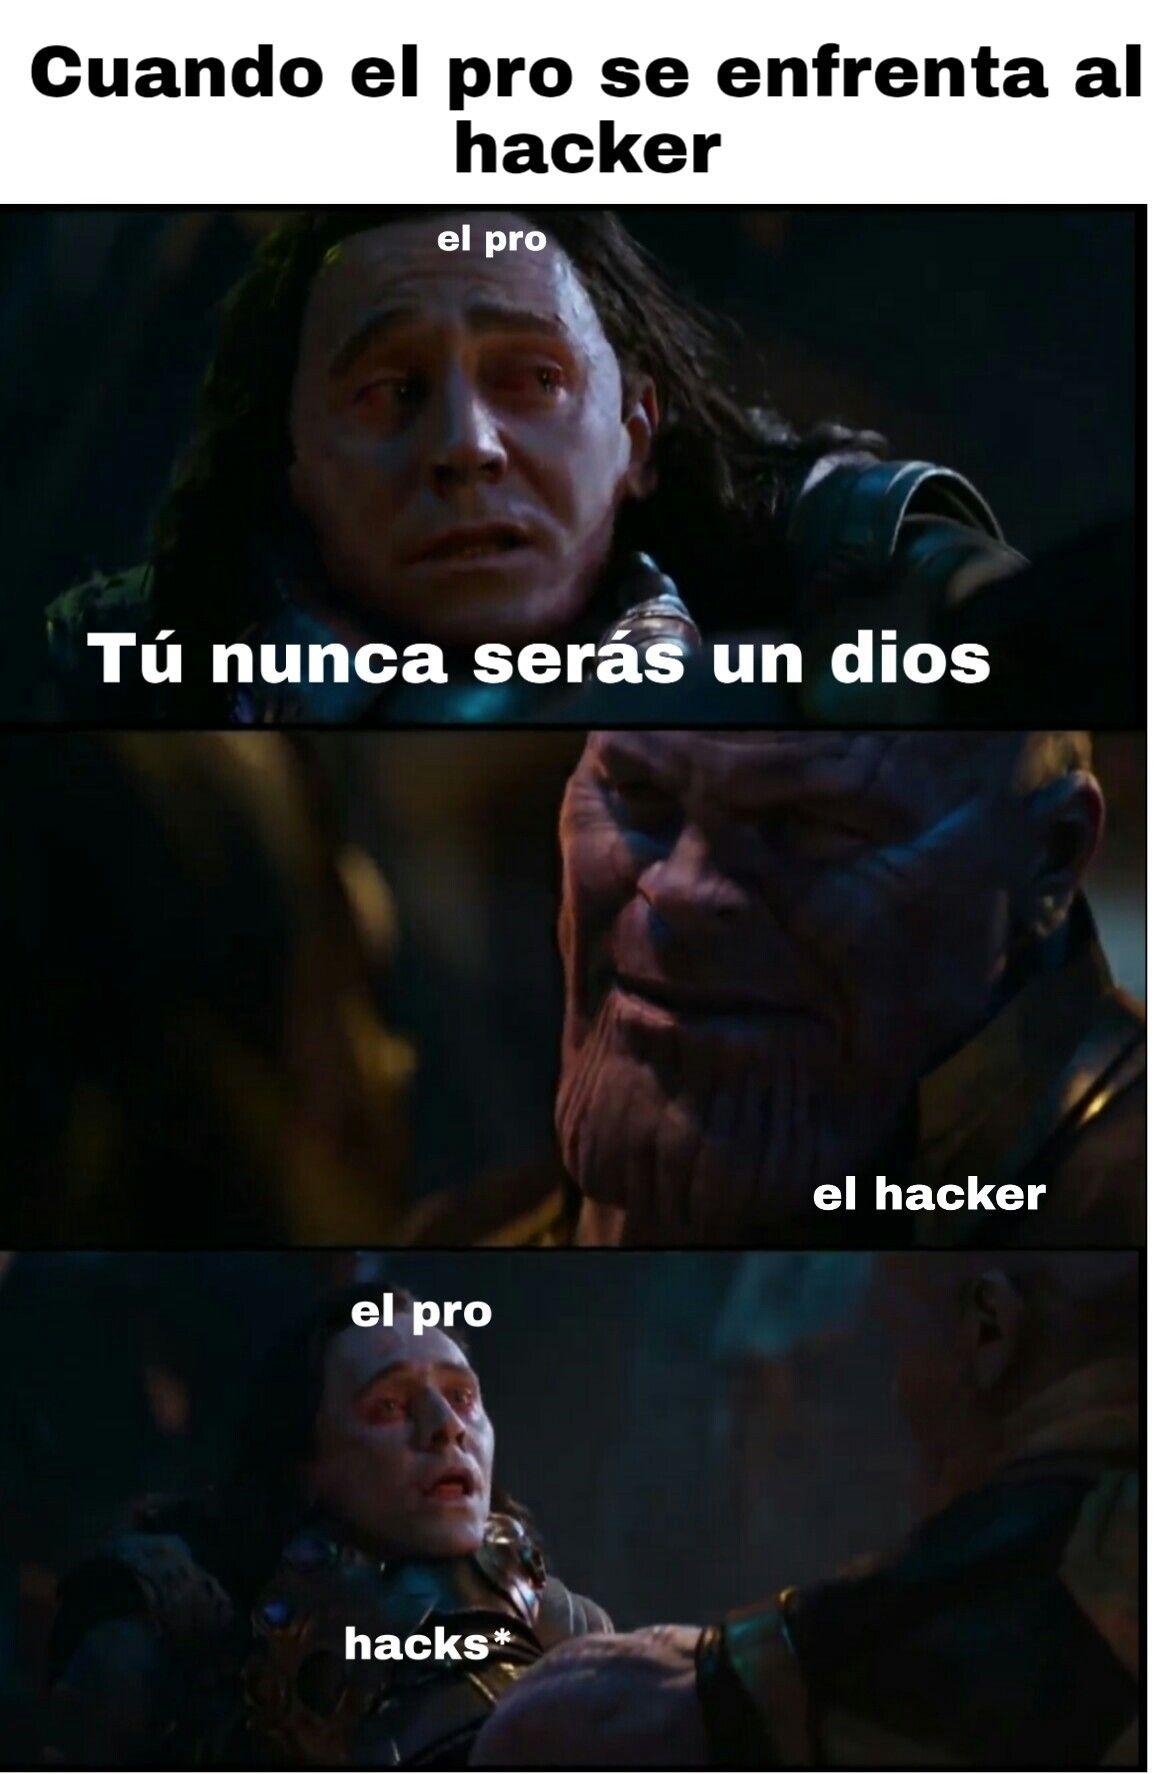 Los Mejores Memes De La Semana En Espanol Memedroid Memes Mejores Memes Memes Divertidos